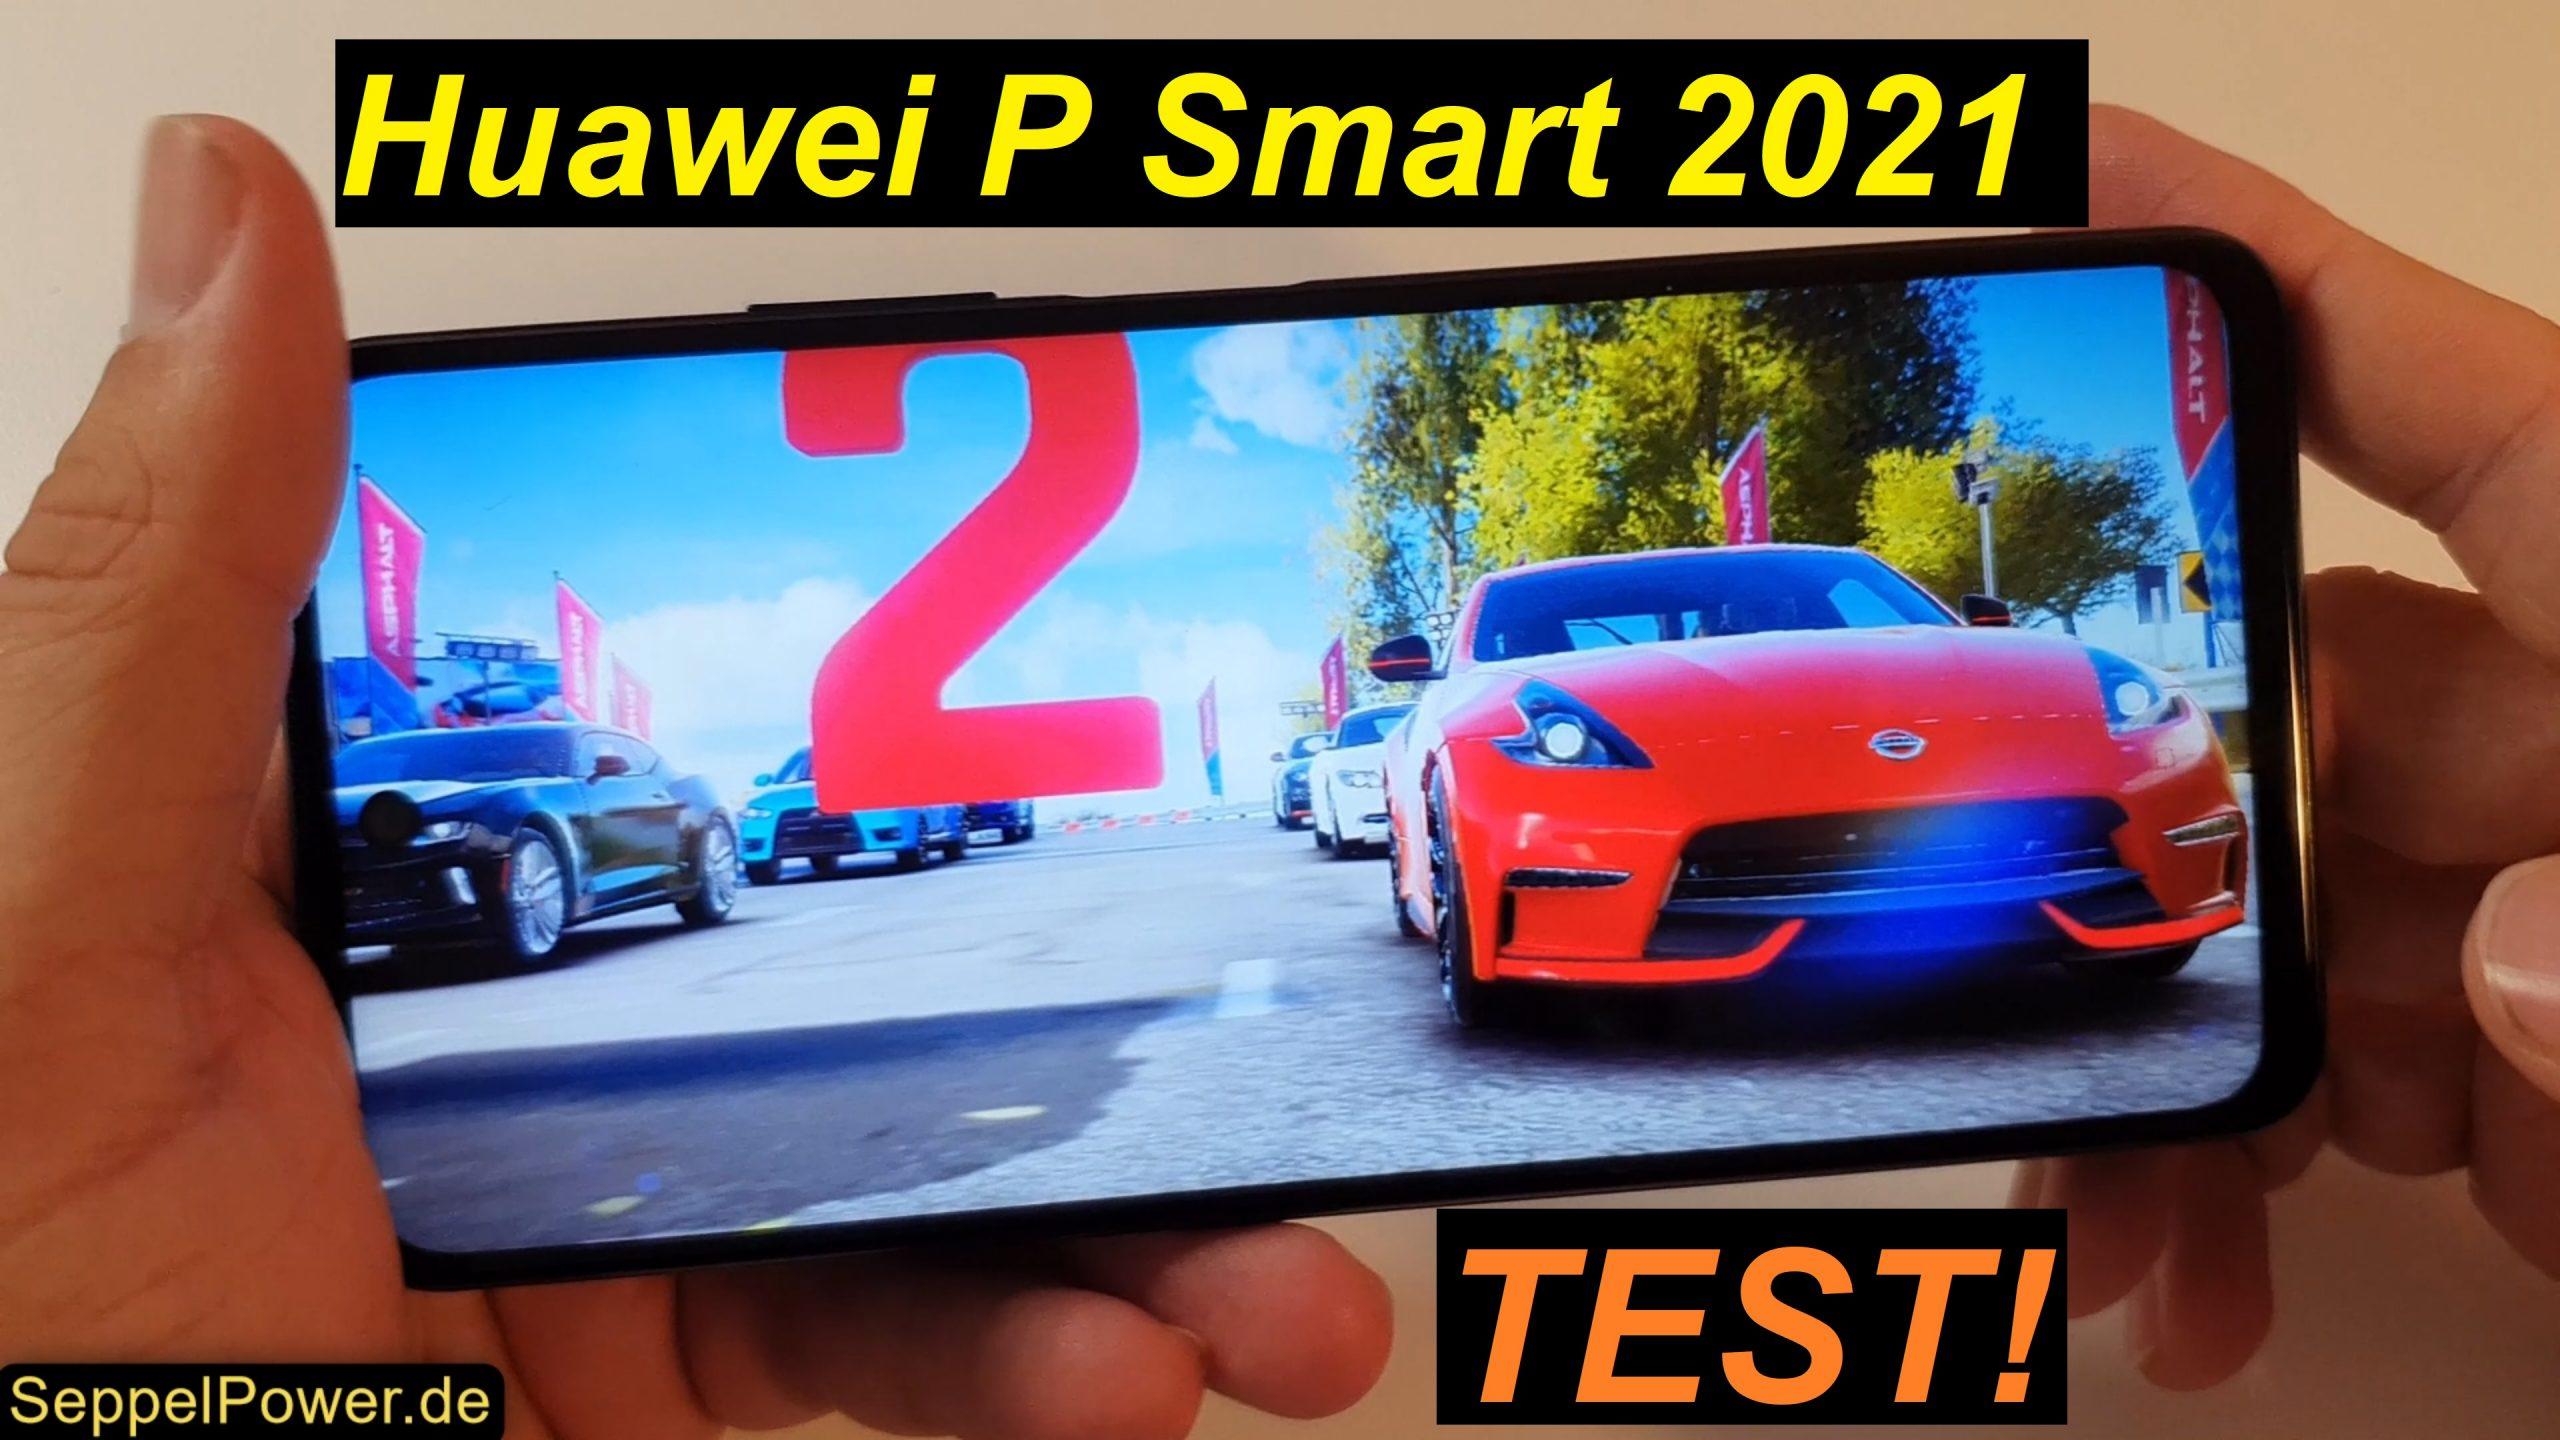 Huawei P Smart 2021 - SeppelPower